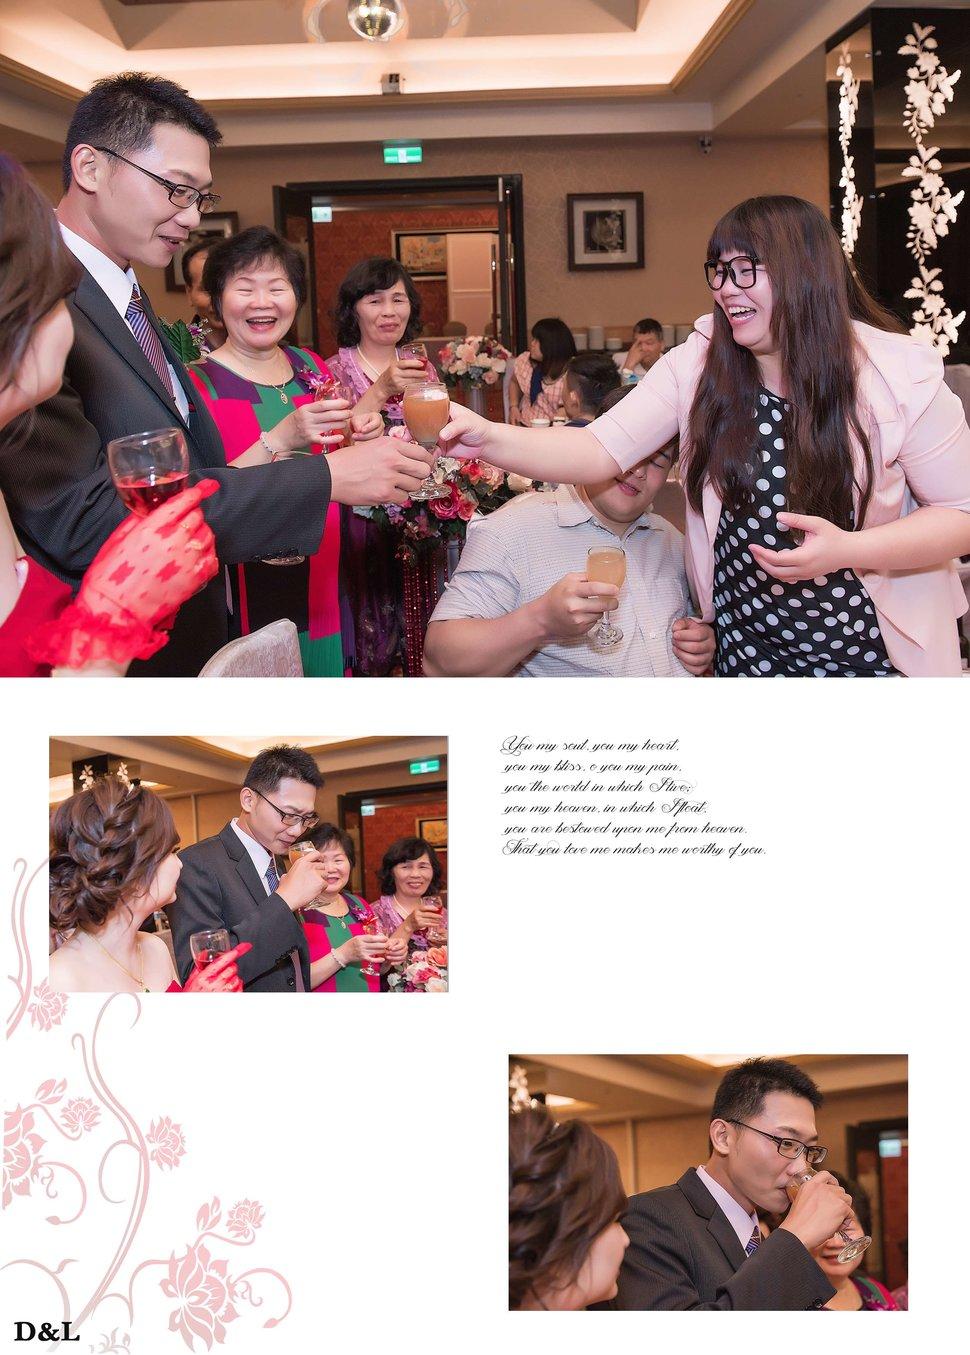 婚禮記錄 錦全&昀臻(編號:6086) - D&L 婚禮事務-婚紗攝影/婚禮記錄 - 結婚吧一站式婚禮服務平台